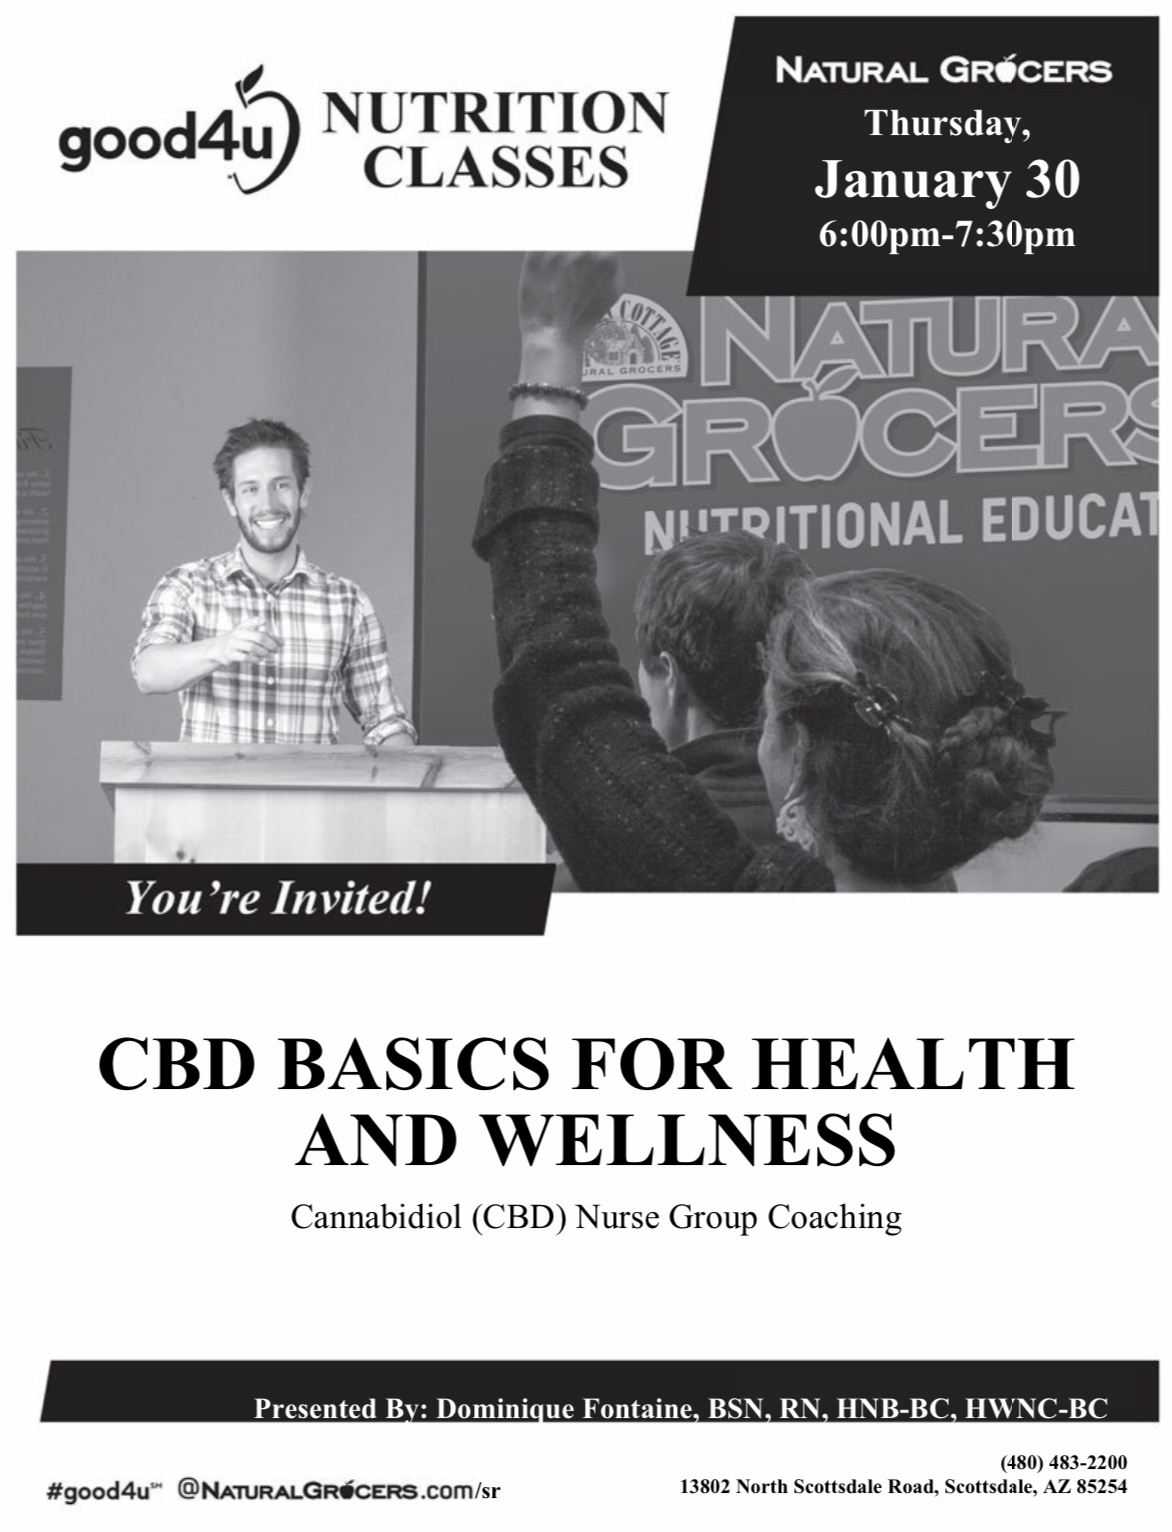 cannabis nurse coach